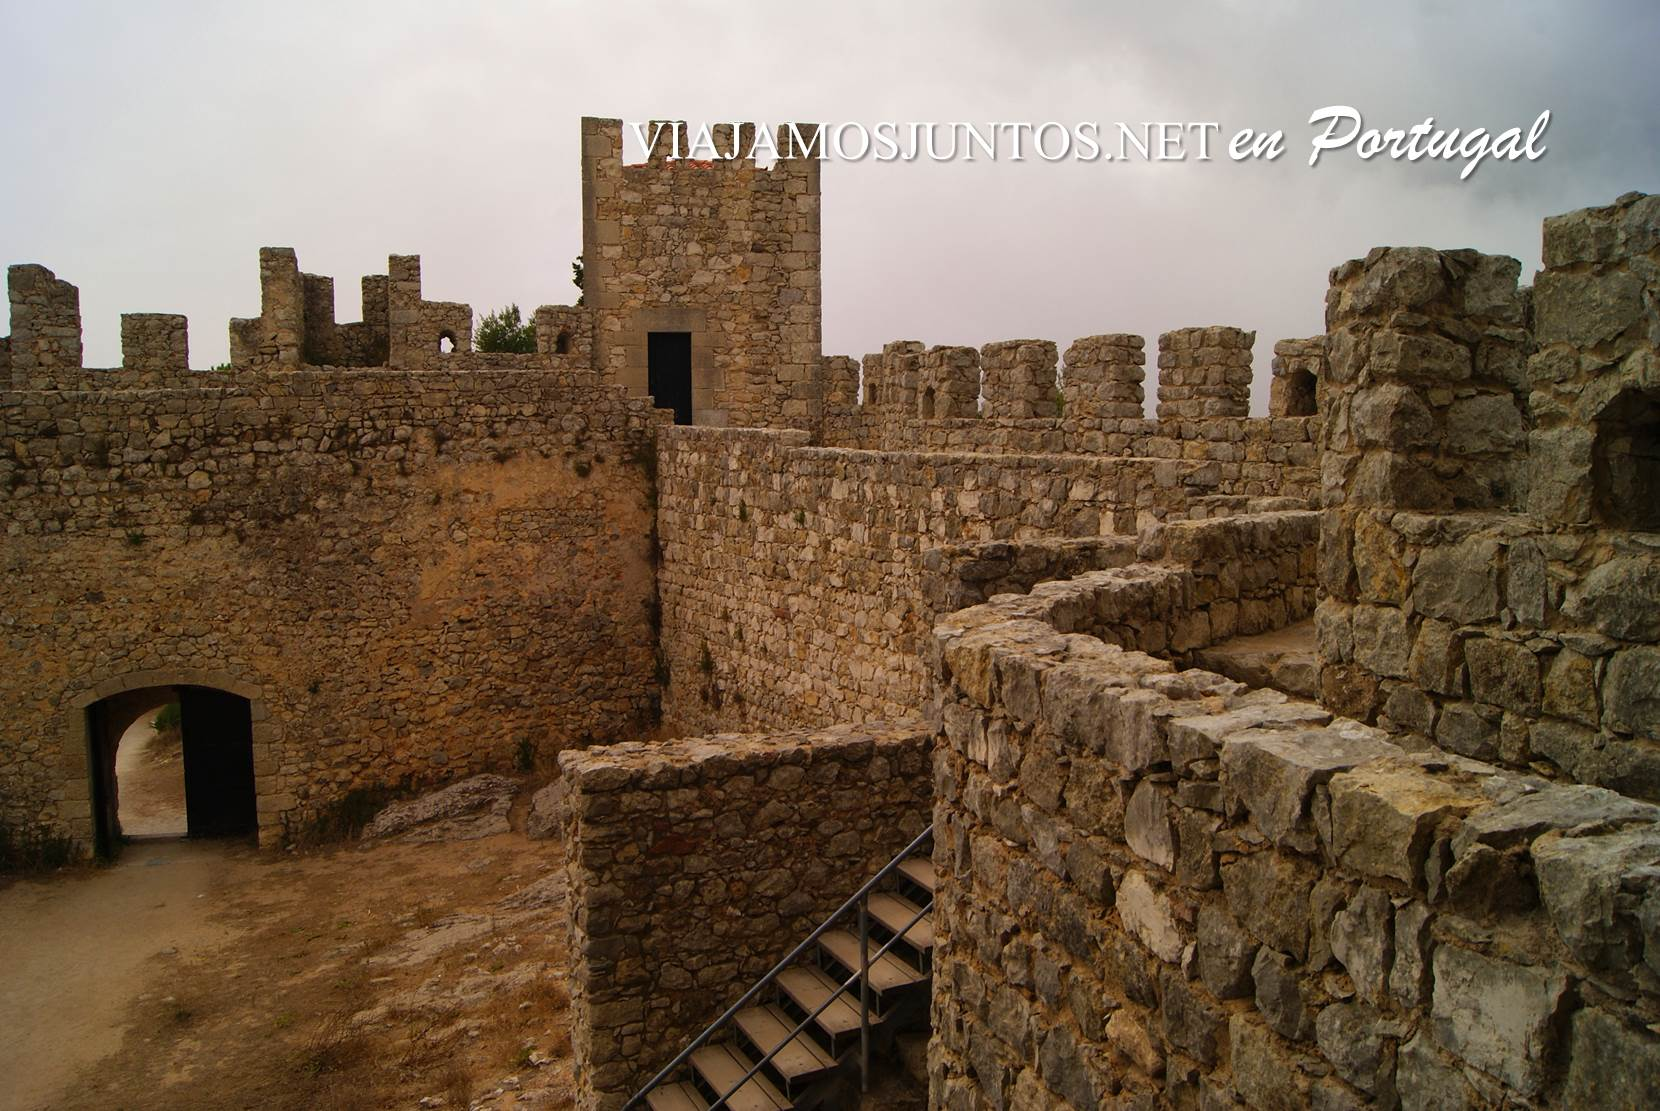 Las murallas del castillo de Sesimbra, Portugal